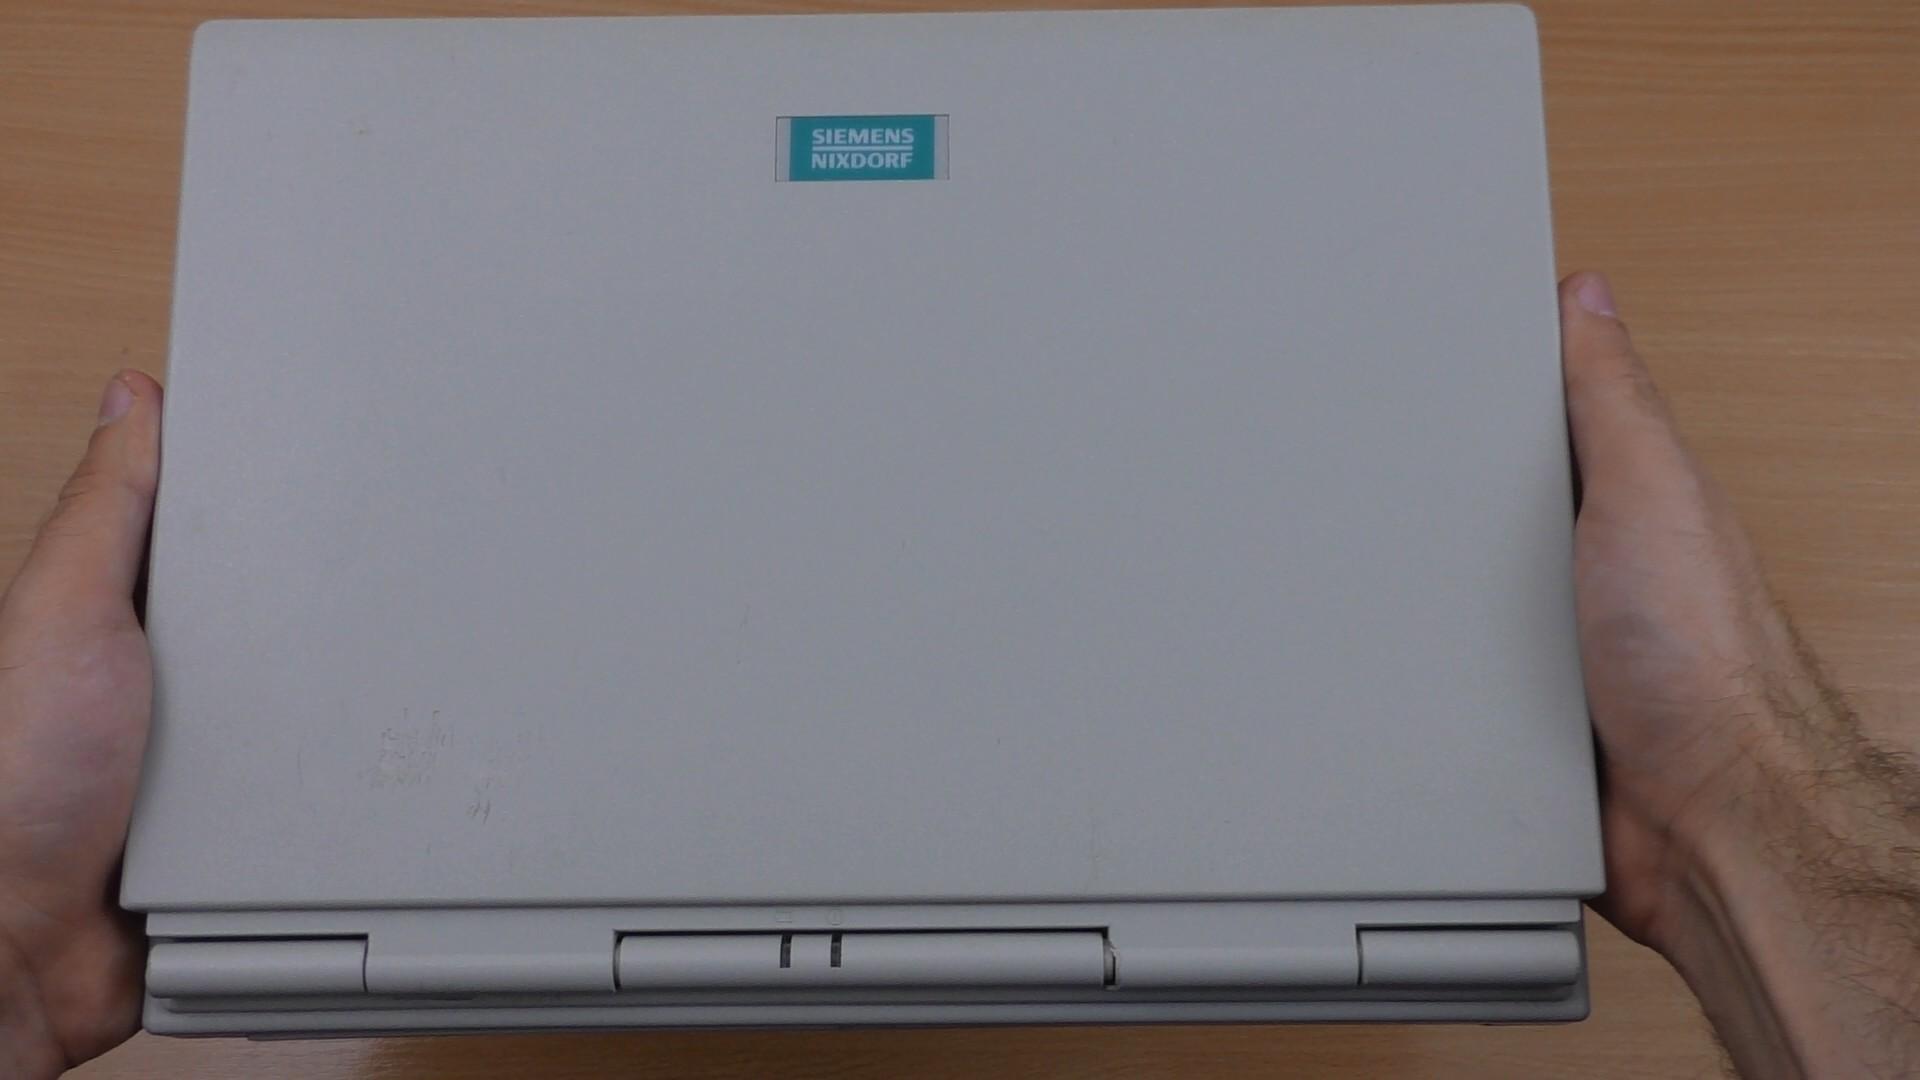 Мощь 80486 на Siemens Nixdorf PCD-4ND (текст и видео — на выбор) - 1